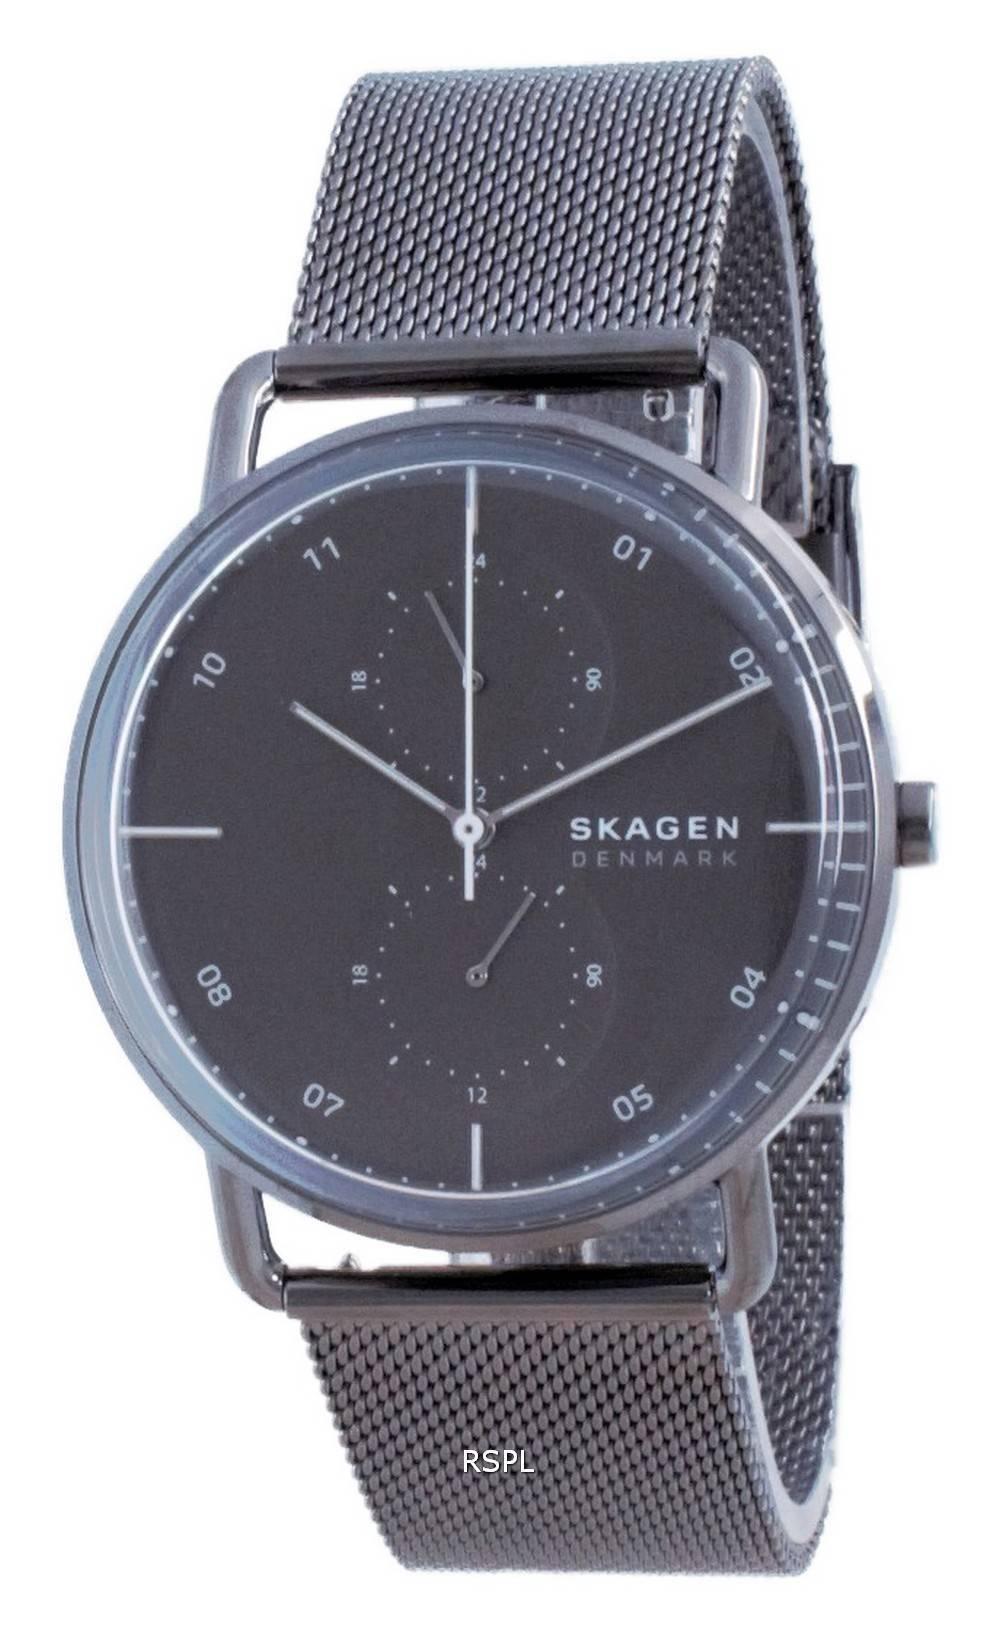 Skagen Horizont ruostumattomasta teräksestä valmistettu kvartsi SKW6725 miesten kello